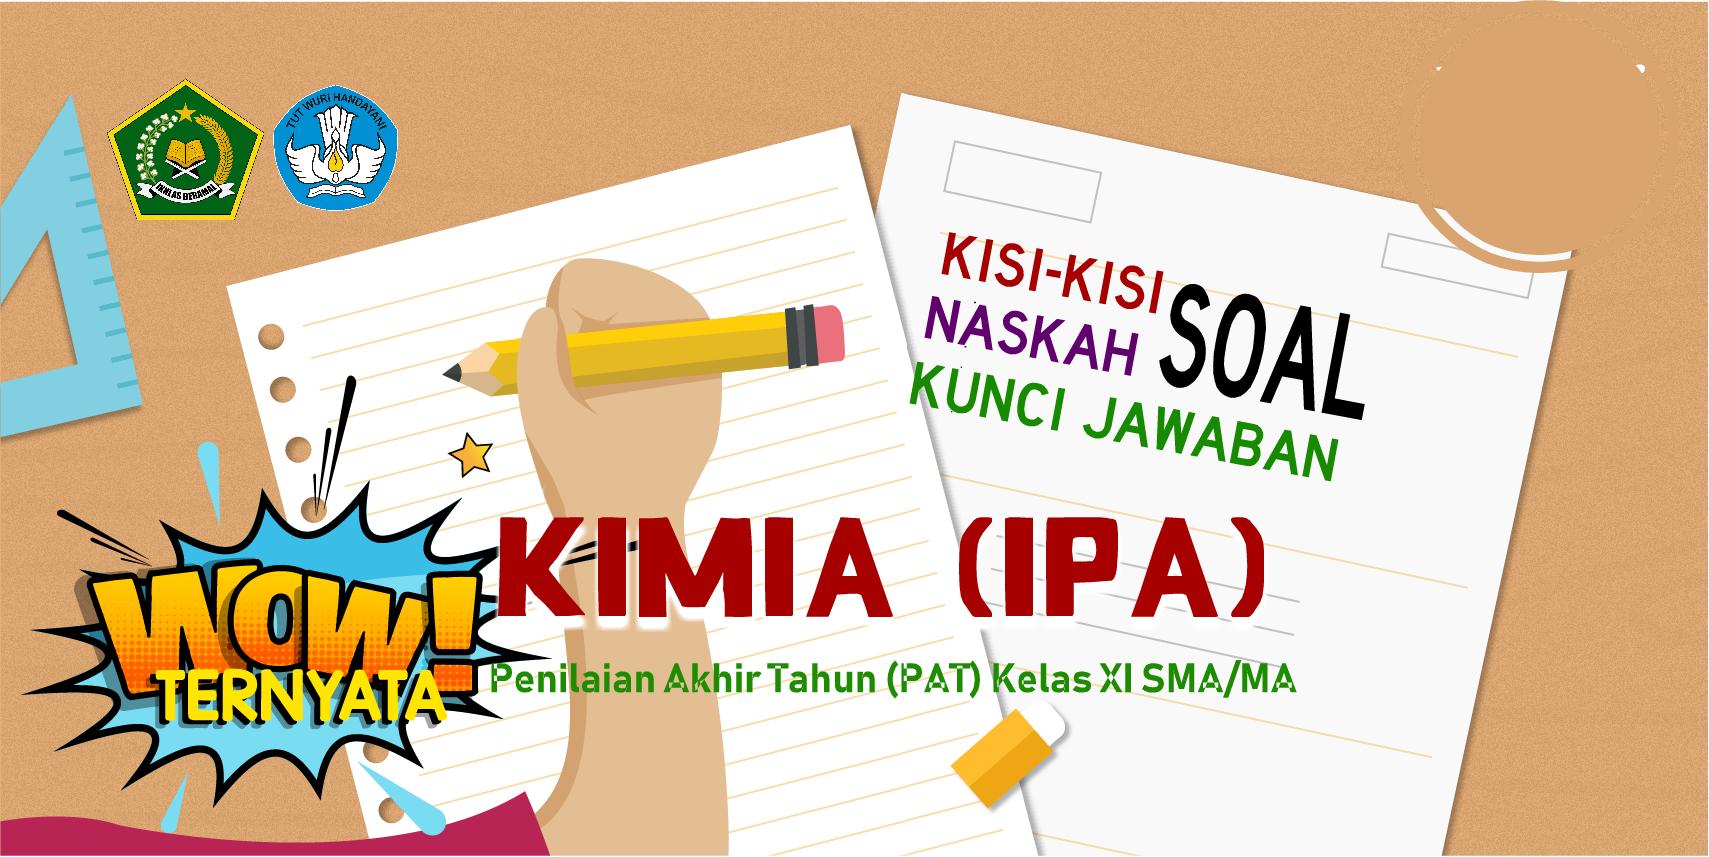 Kisi-Kisi, Naskah Soal dan Kunci PAT Kimia Kelas XI (IPA) SMA/MA Kurikulum 2013